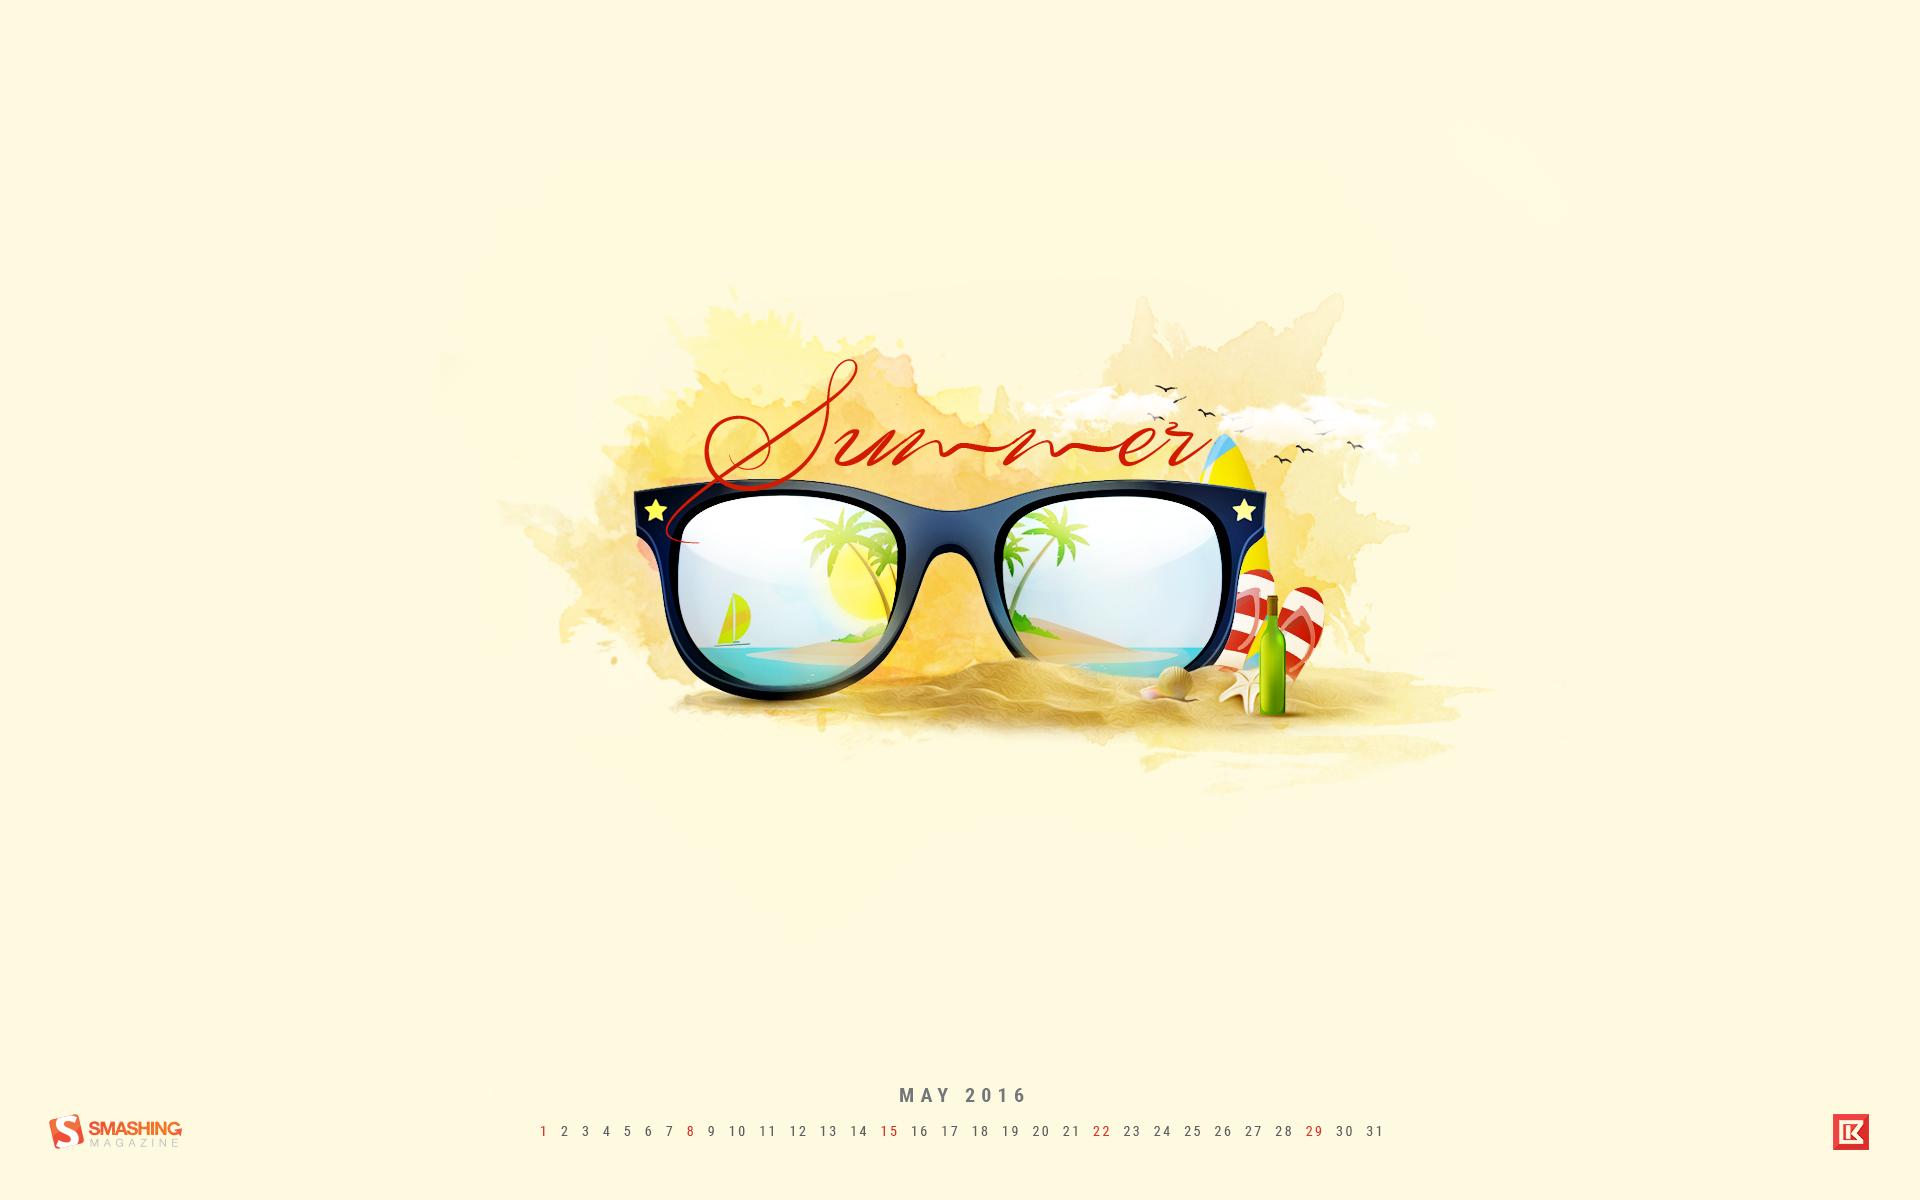 Desktop Wallpaper Calendars: May 2016 — Smashing Magazine